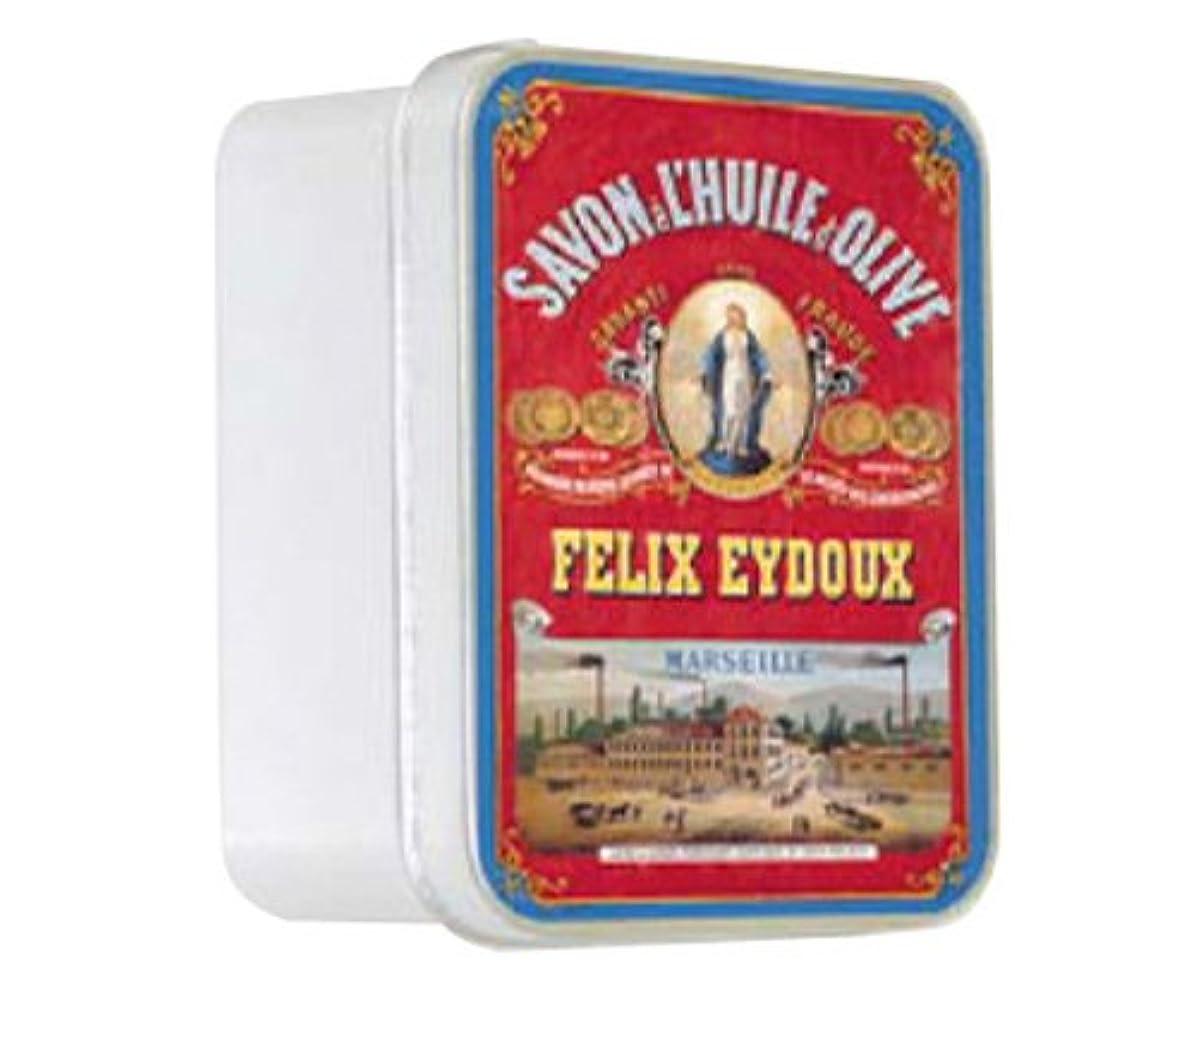 持つ南東印象的ルブランソープ メタルボックス(マルセイユソープ?オリーブの香り)石鹸